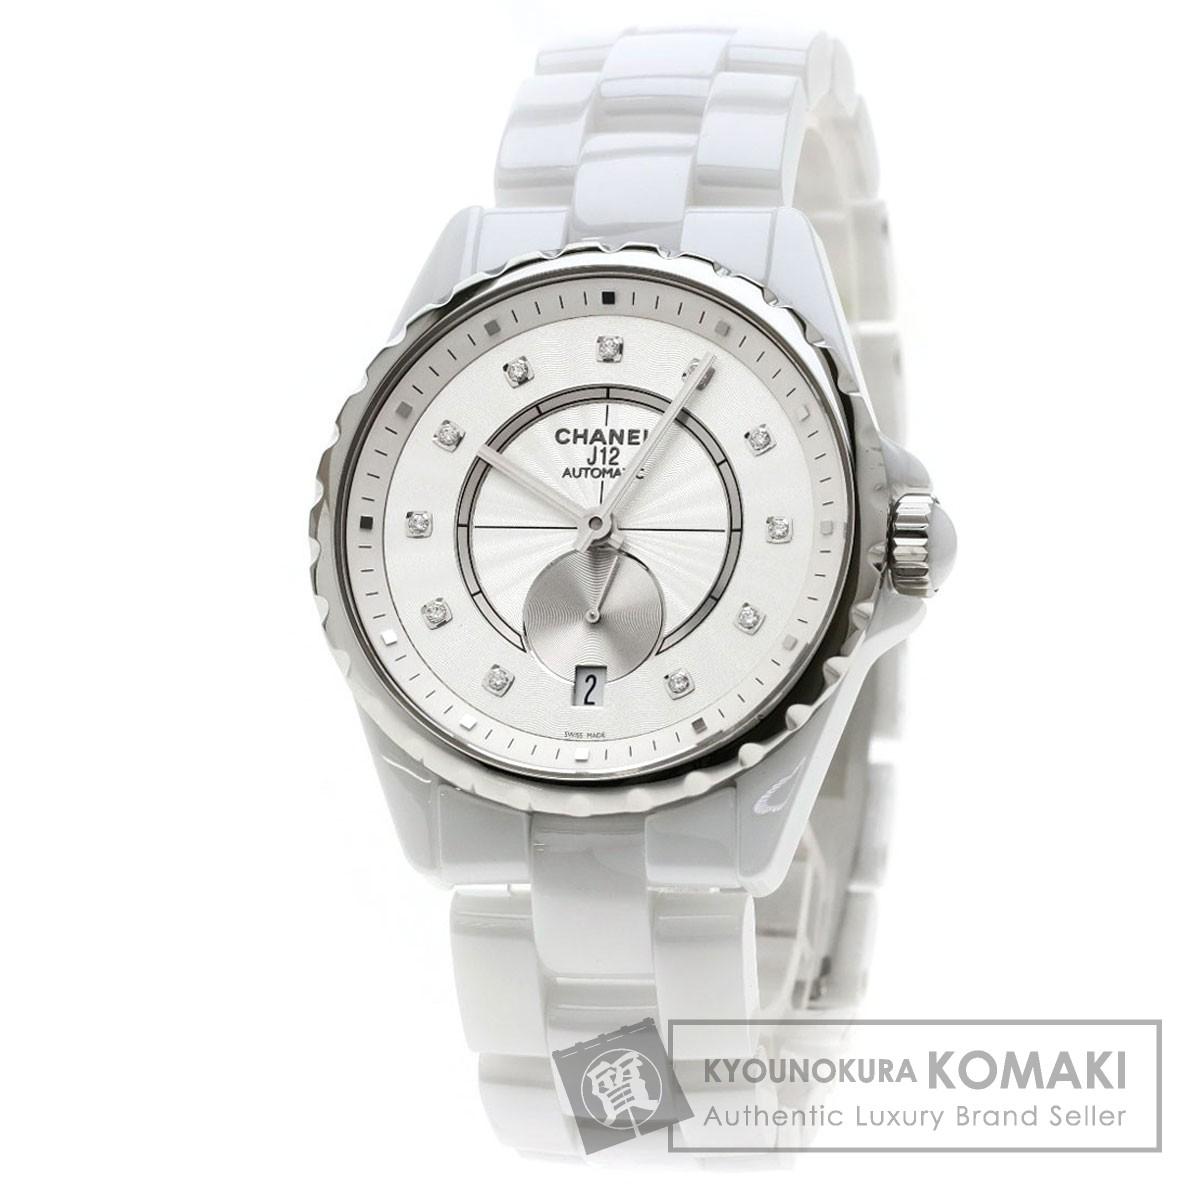 90ec42f86fe8 CHANEL H4345 J12/11Pダイヤモンド 腕時計 セラミック/セラミックxSS メンズ 【中古】【